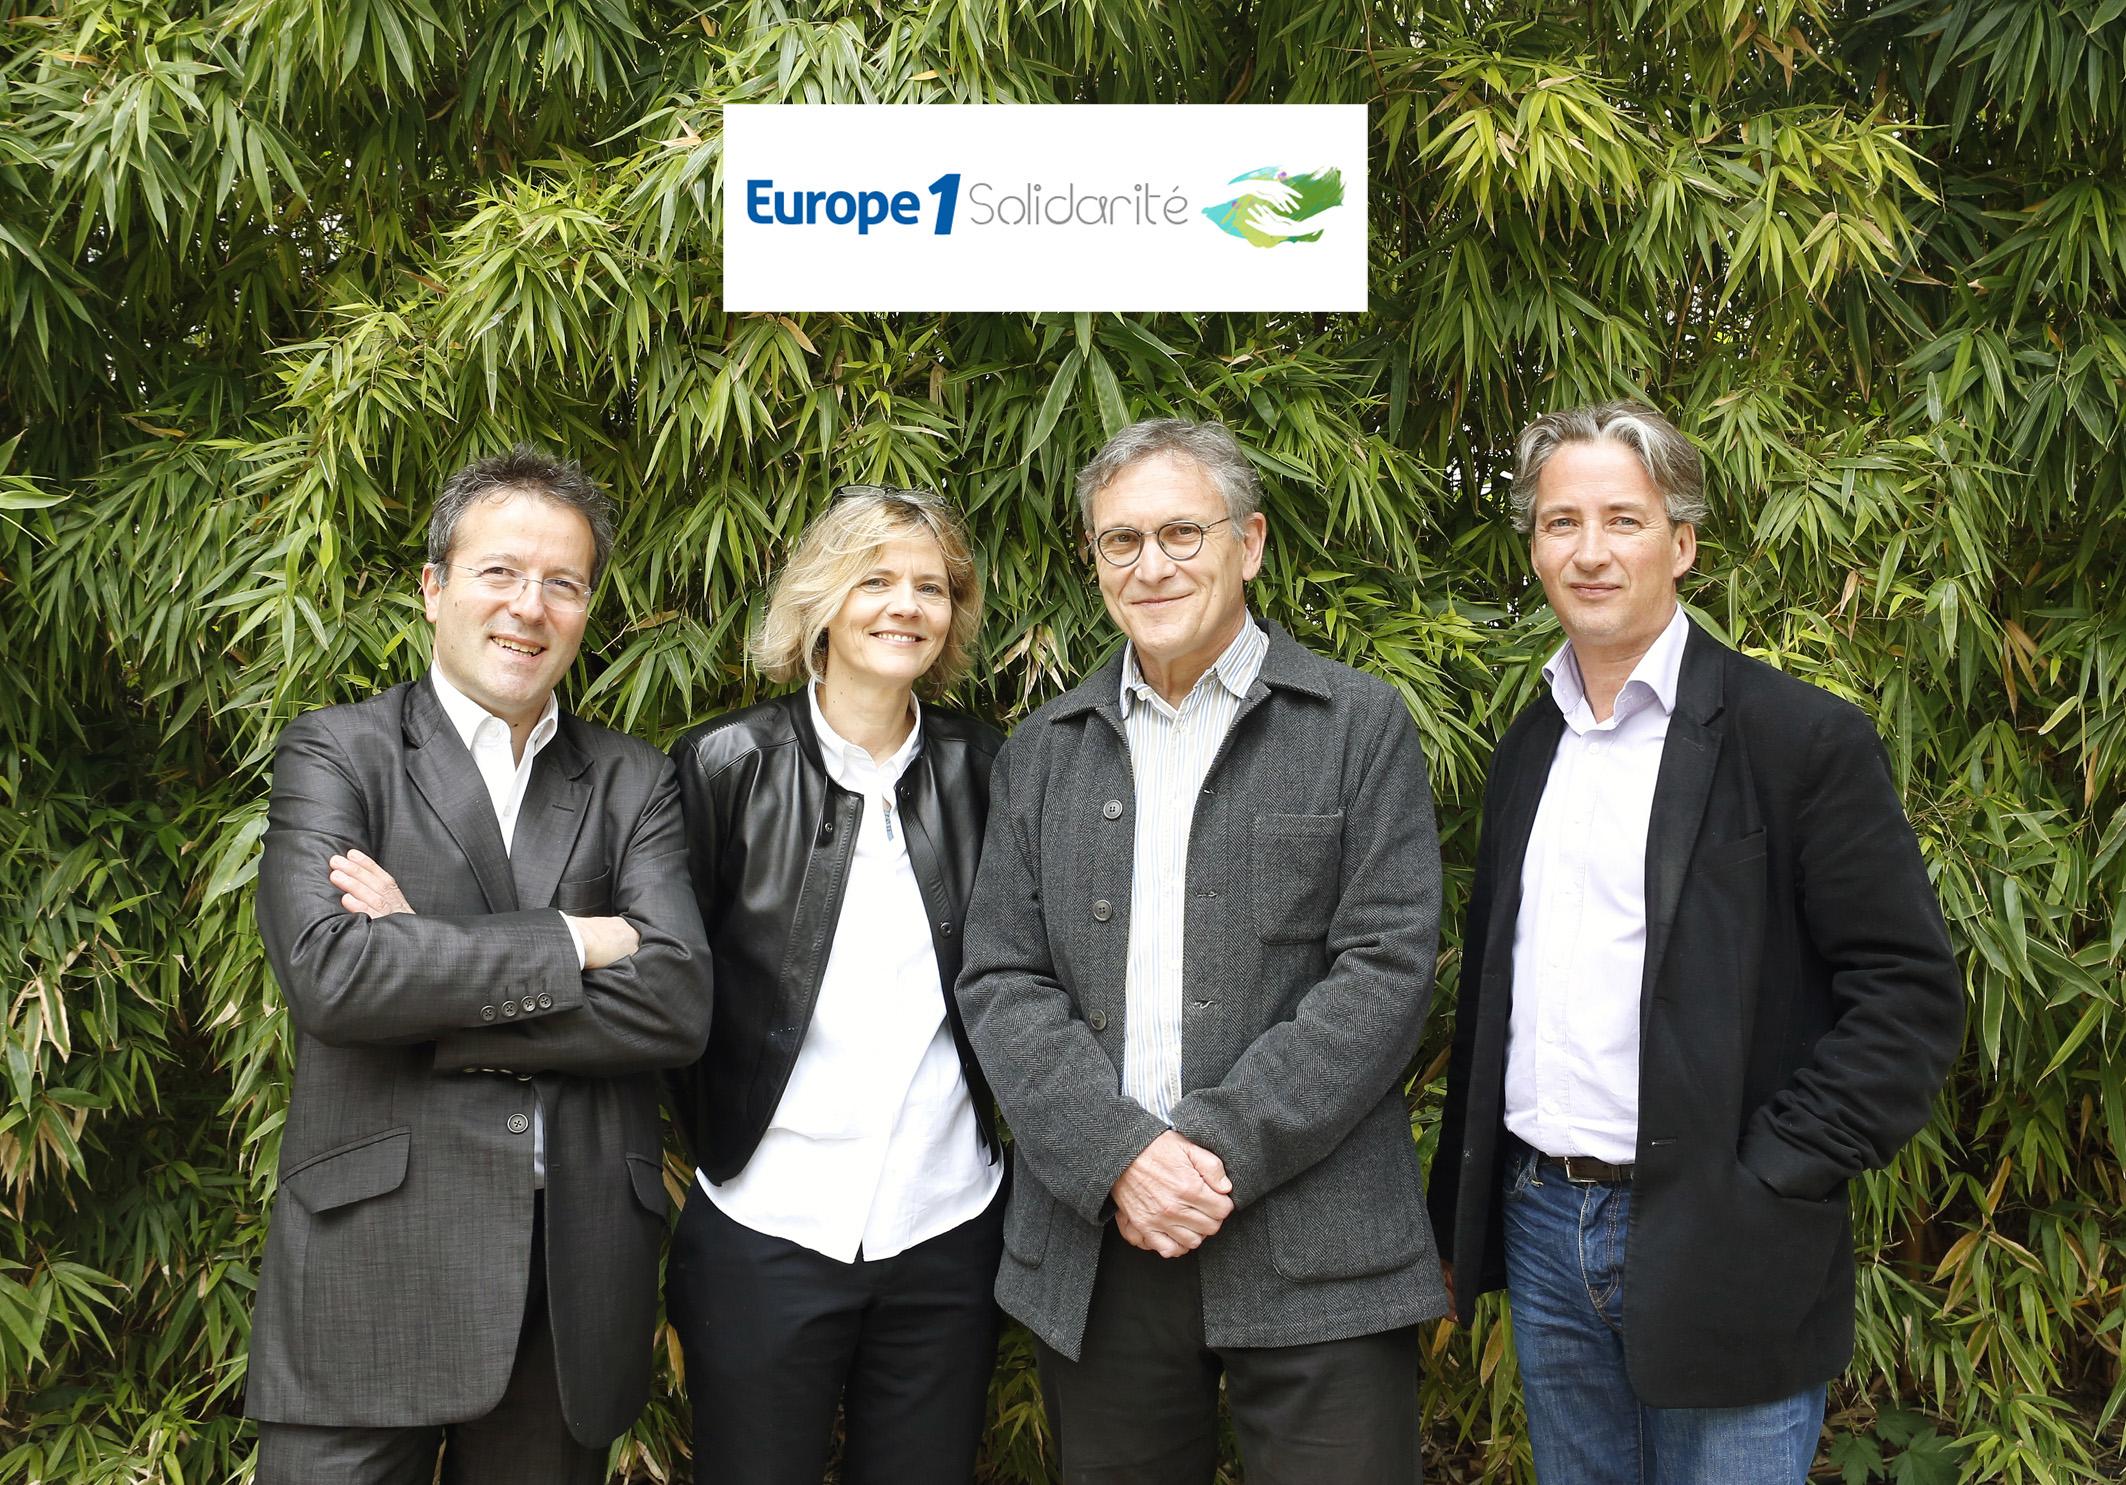 """""""L'Outil en Main"""" reçoit le Prix Europe 1 Solidarité"""